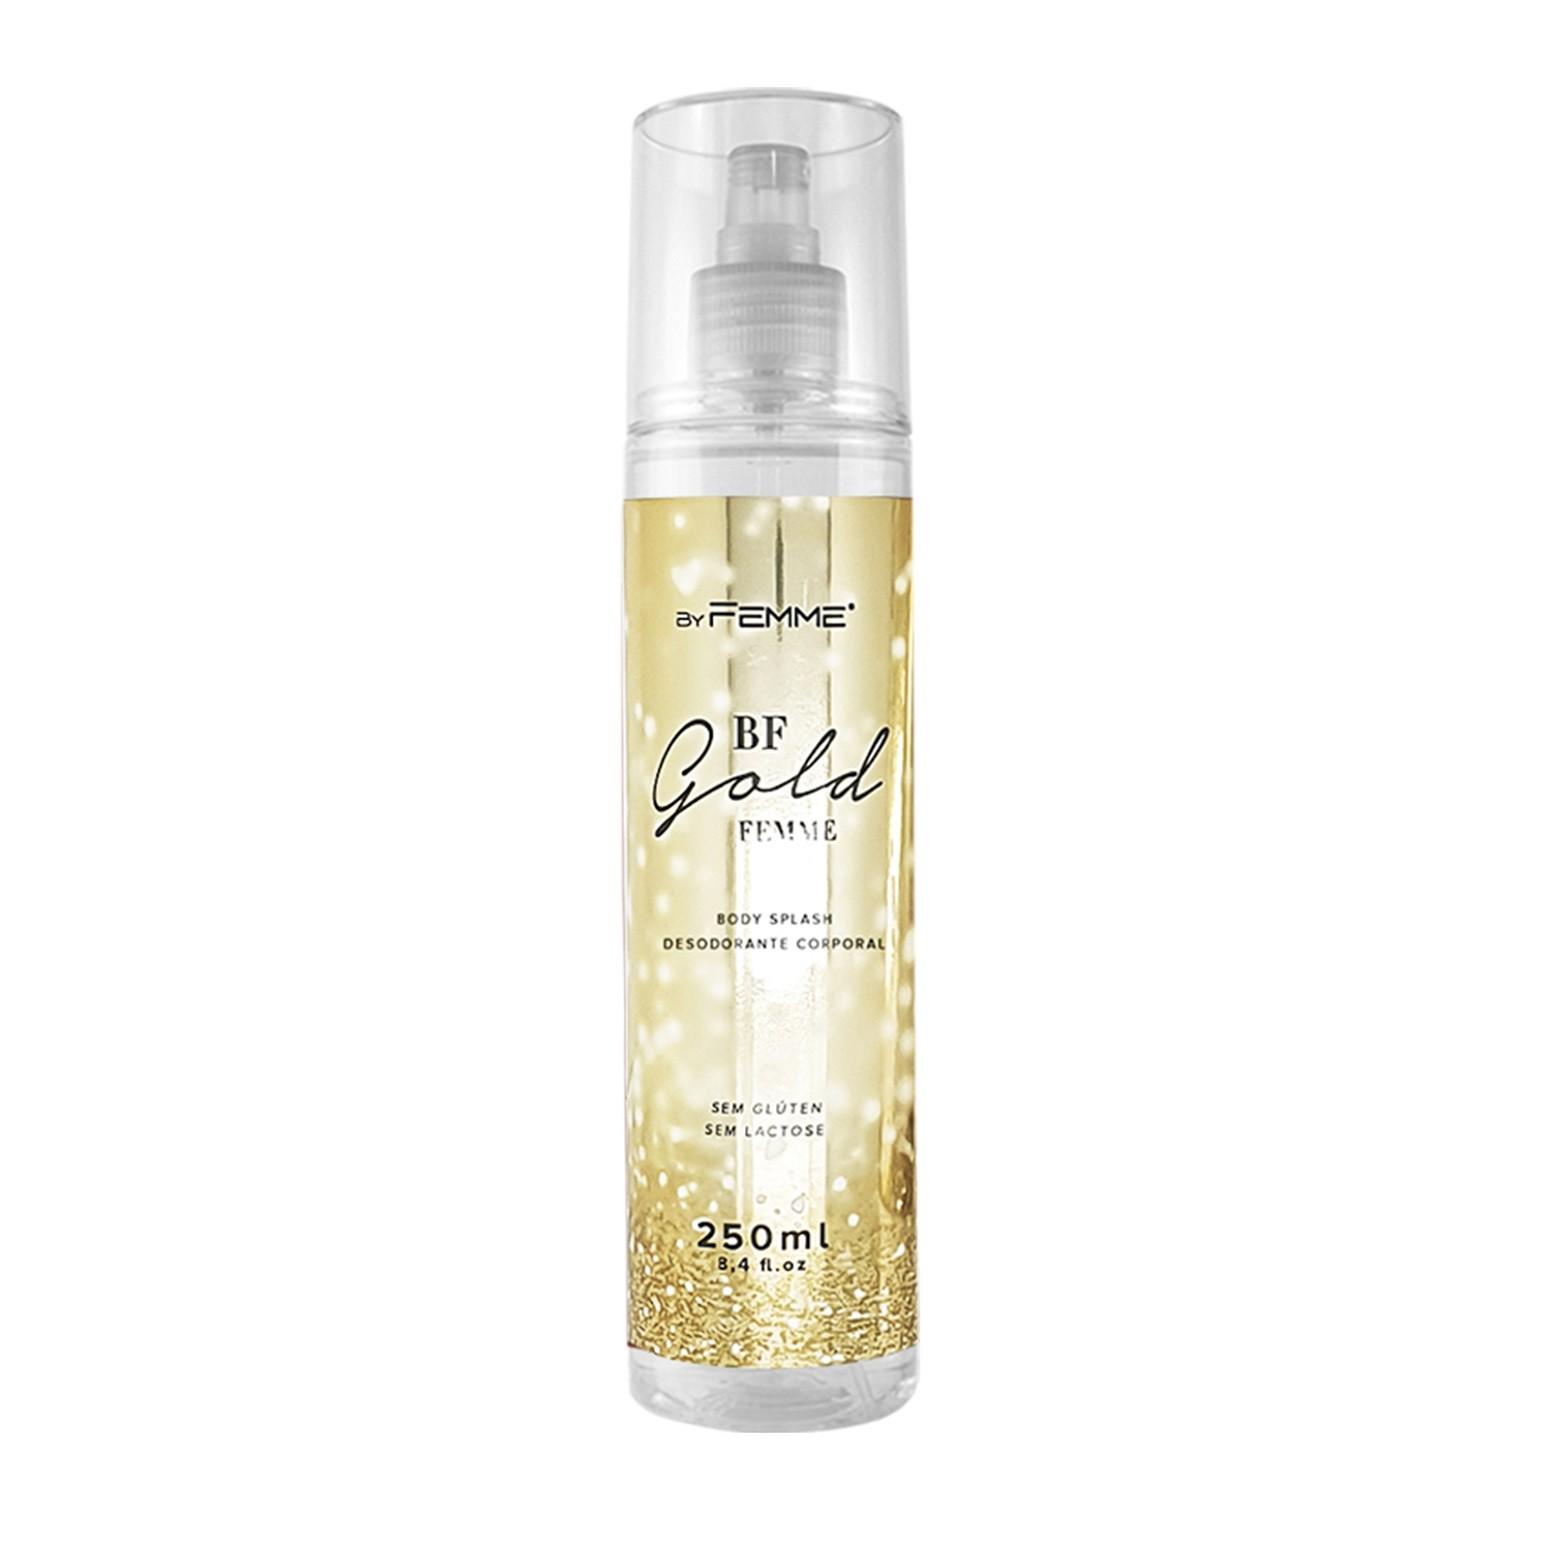 Body Splash BF Gold Femme 250 ml